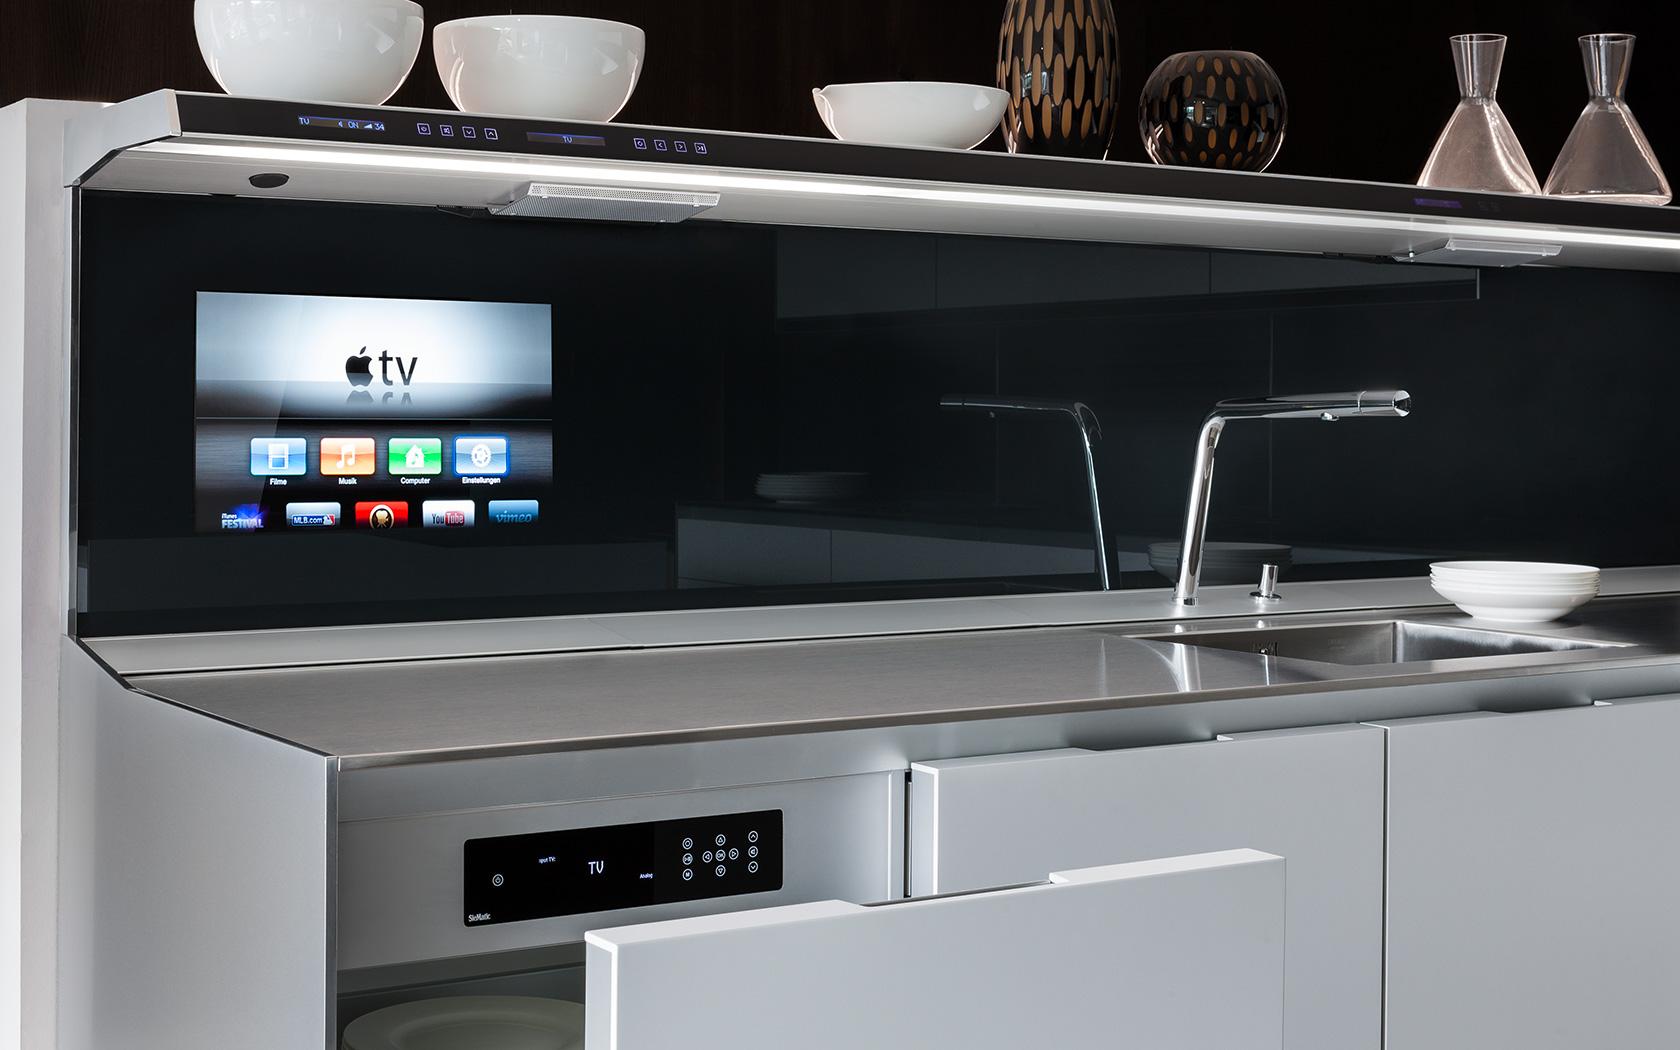 Siematic Keuken Prijs : Nieuwe siematic s1 keuken vindt u bij nieuwenhuis keukens